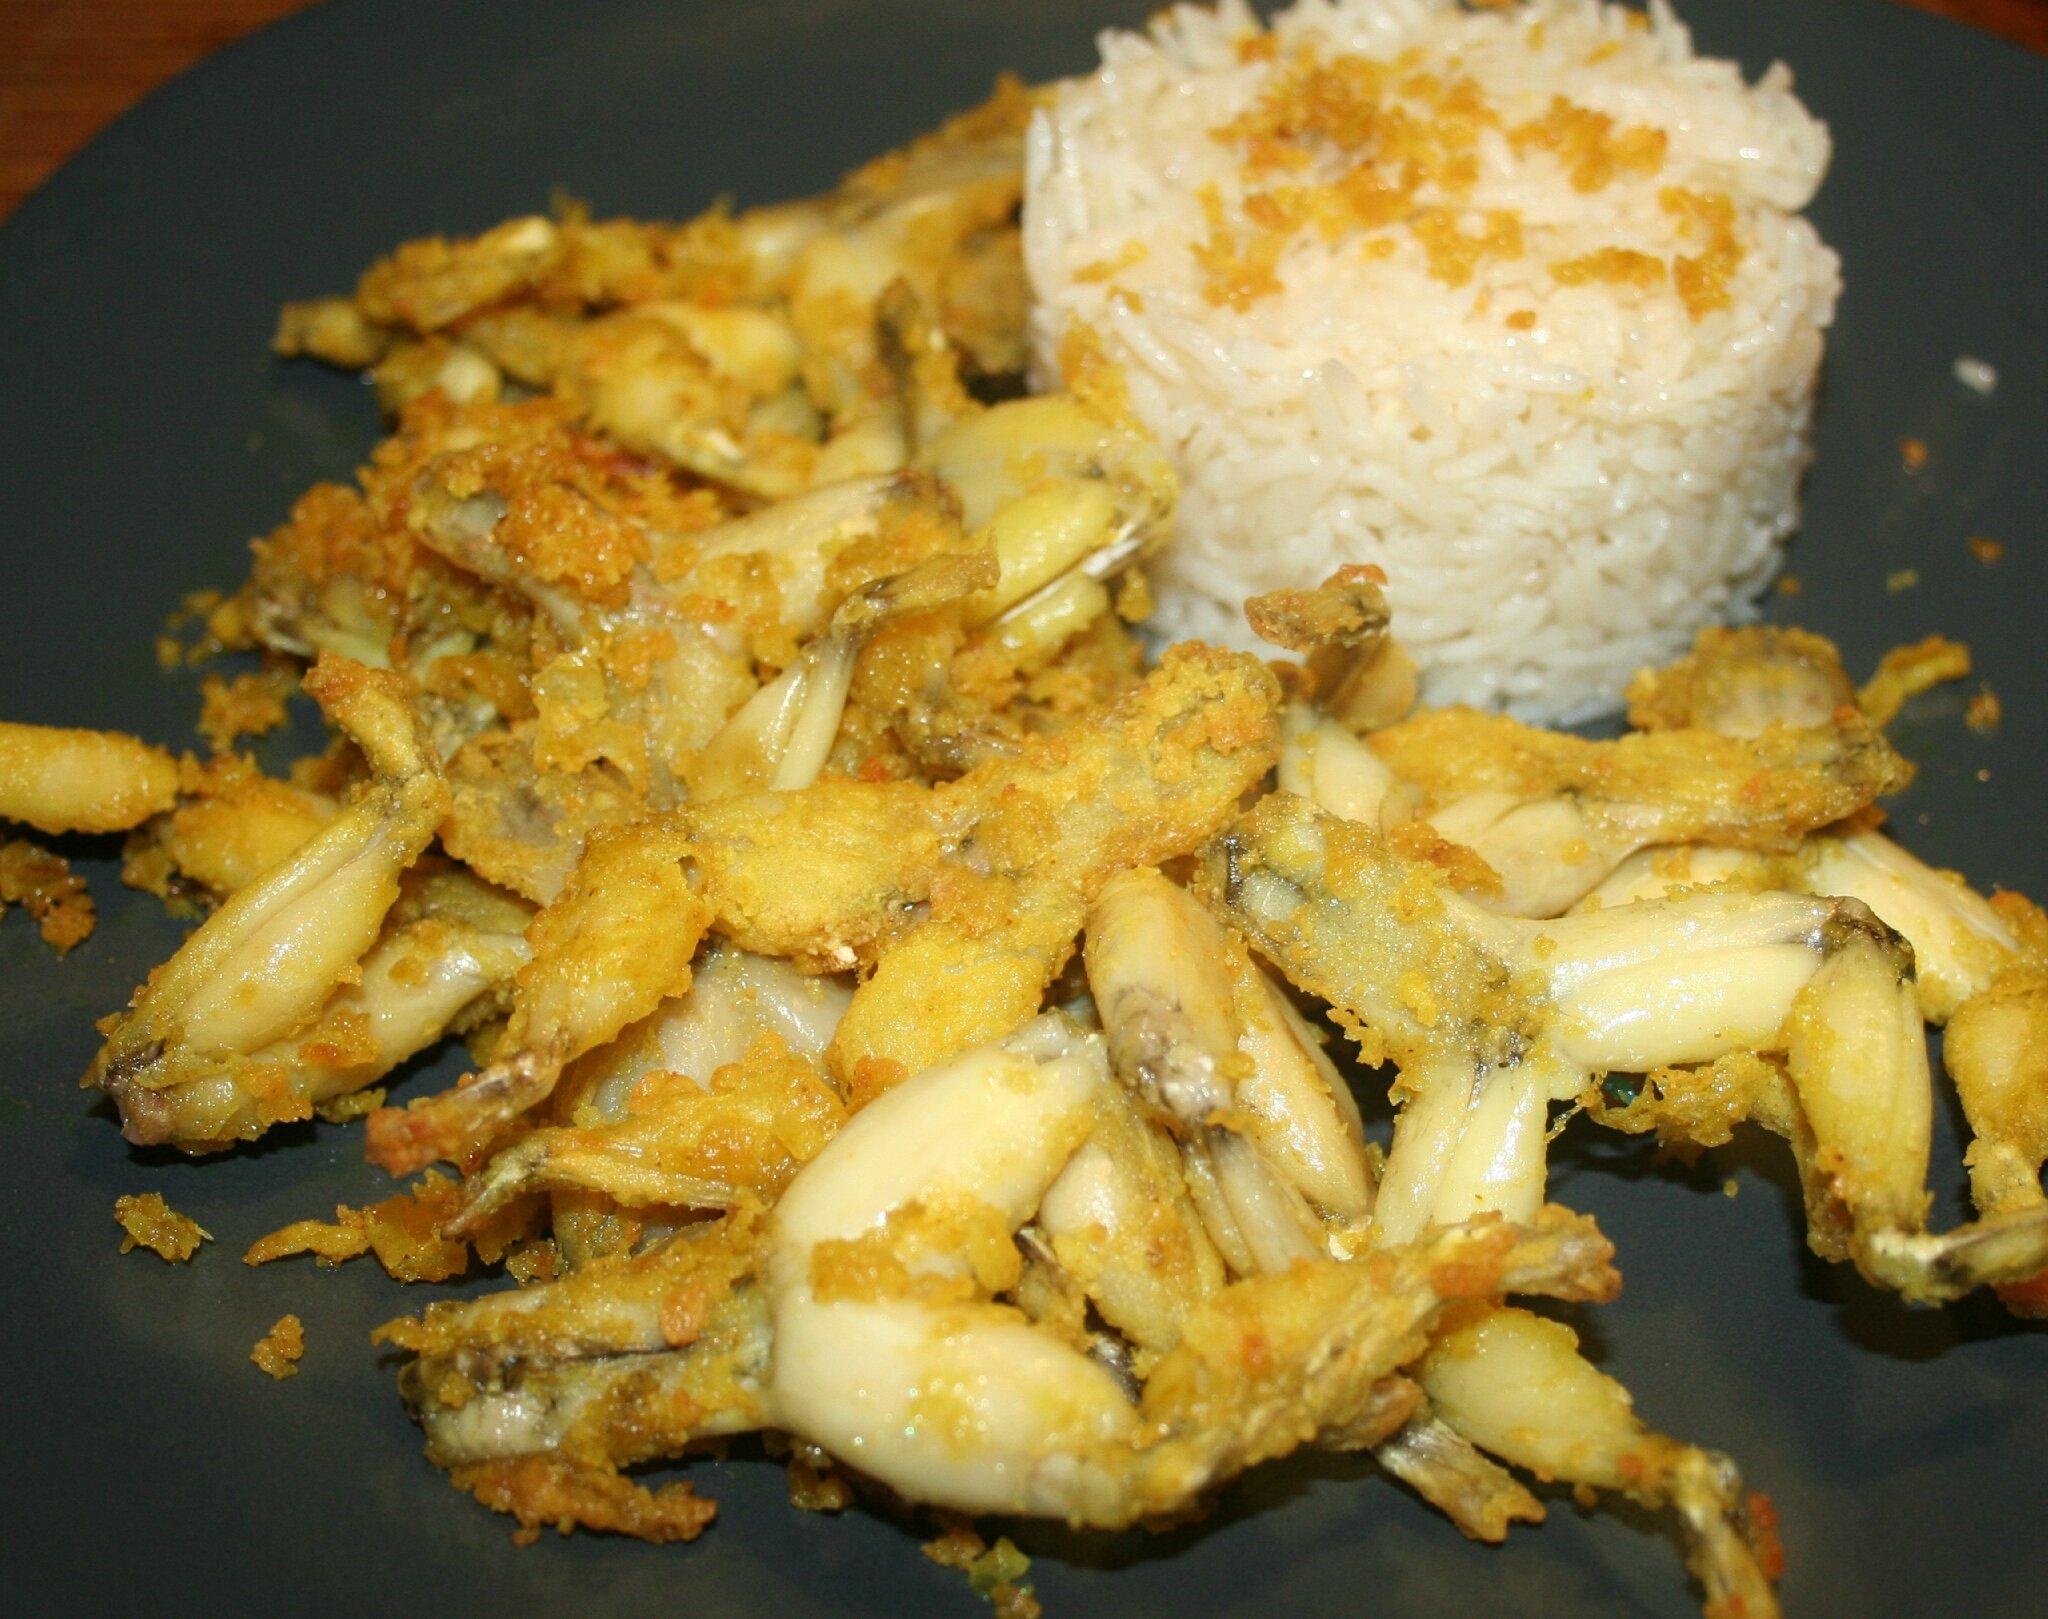 Cuisses de grenouille au curry l 39 actifry amafacon - Cuisiner gambas surgelees ...